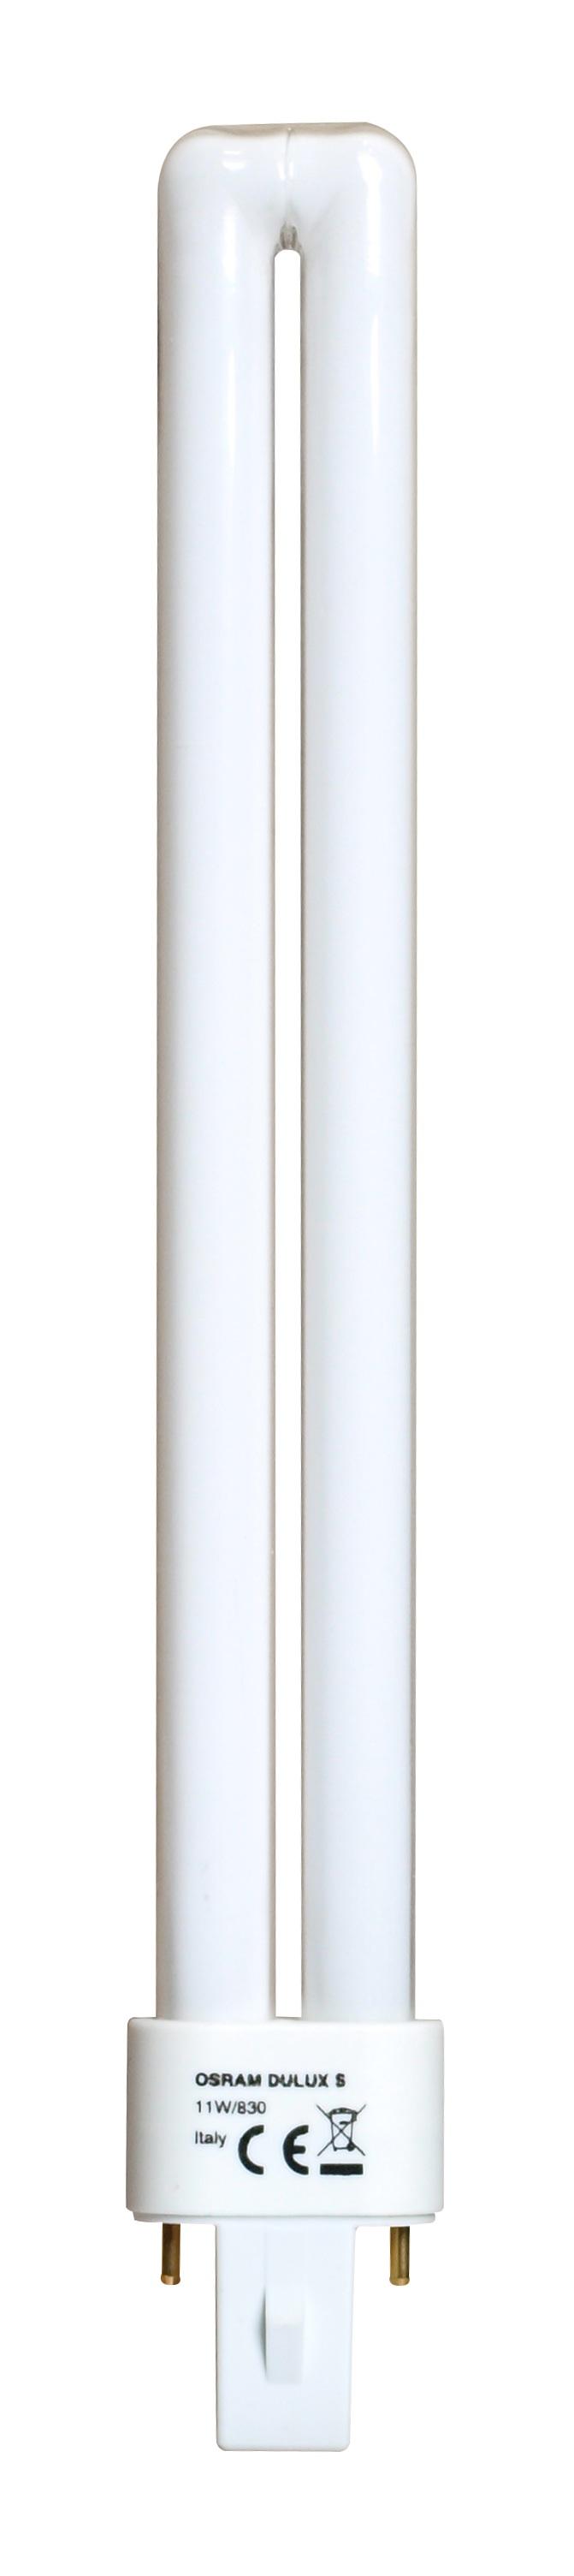 1 Stk TC-S 9W/830 G23, Kompaktleuchtstofflampe LI5V025742